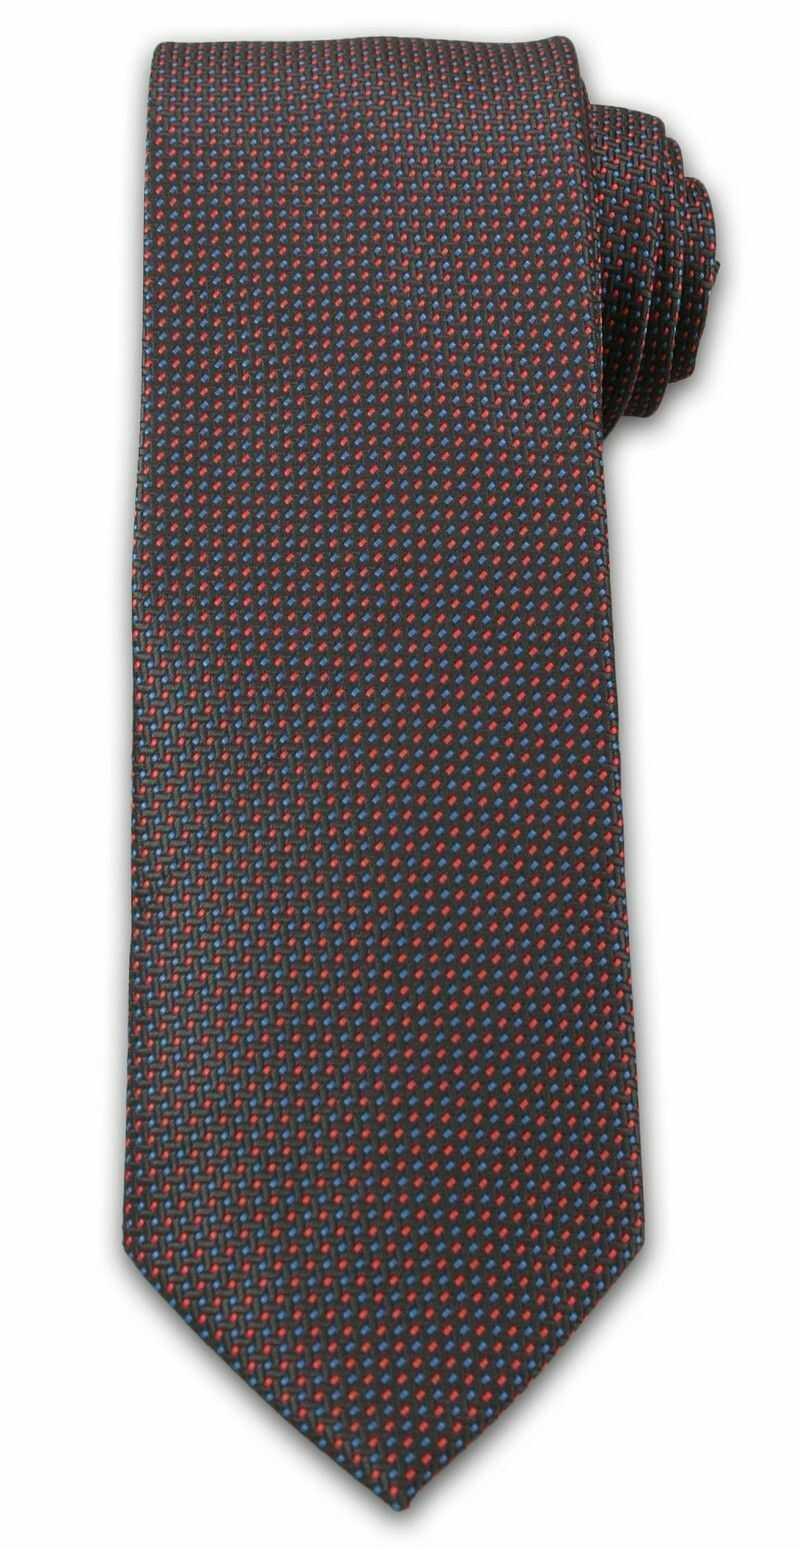 Uniwersalny Krawat Męski z Delikatnym Deseniem - Chattier - Neutralny Kolorystycznie KRCH1004